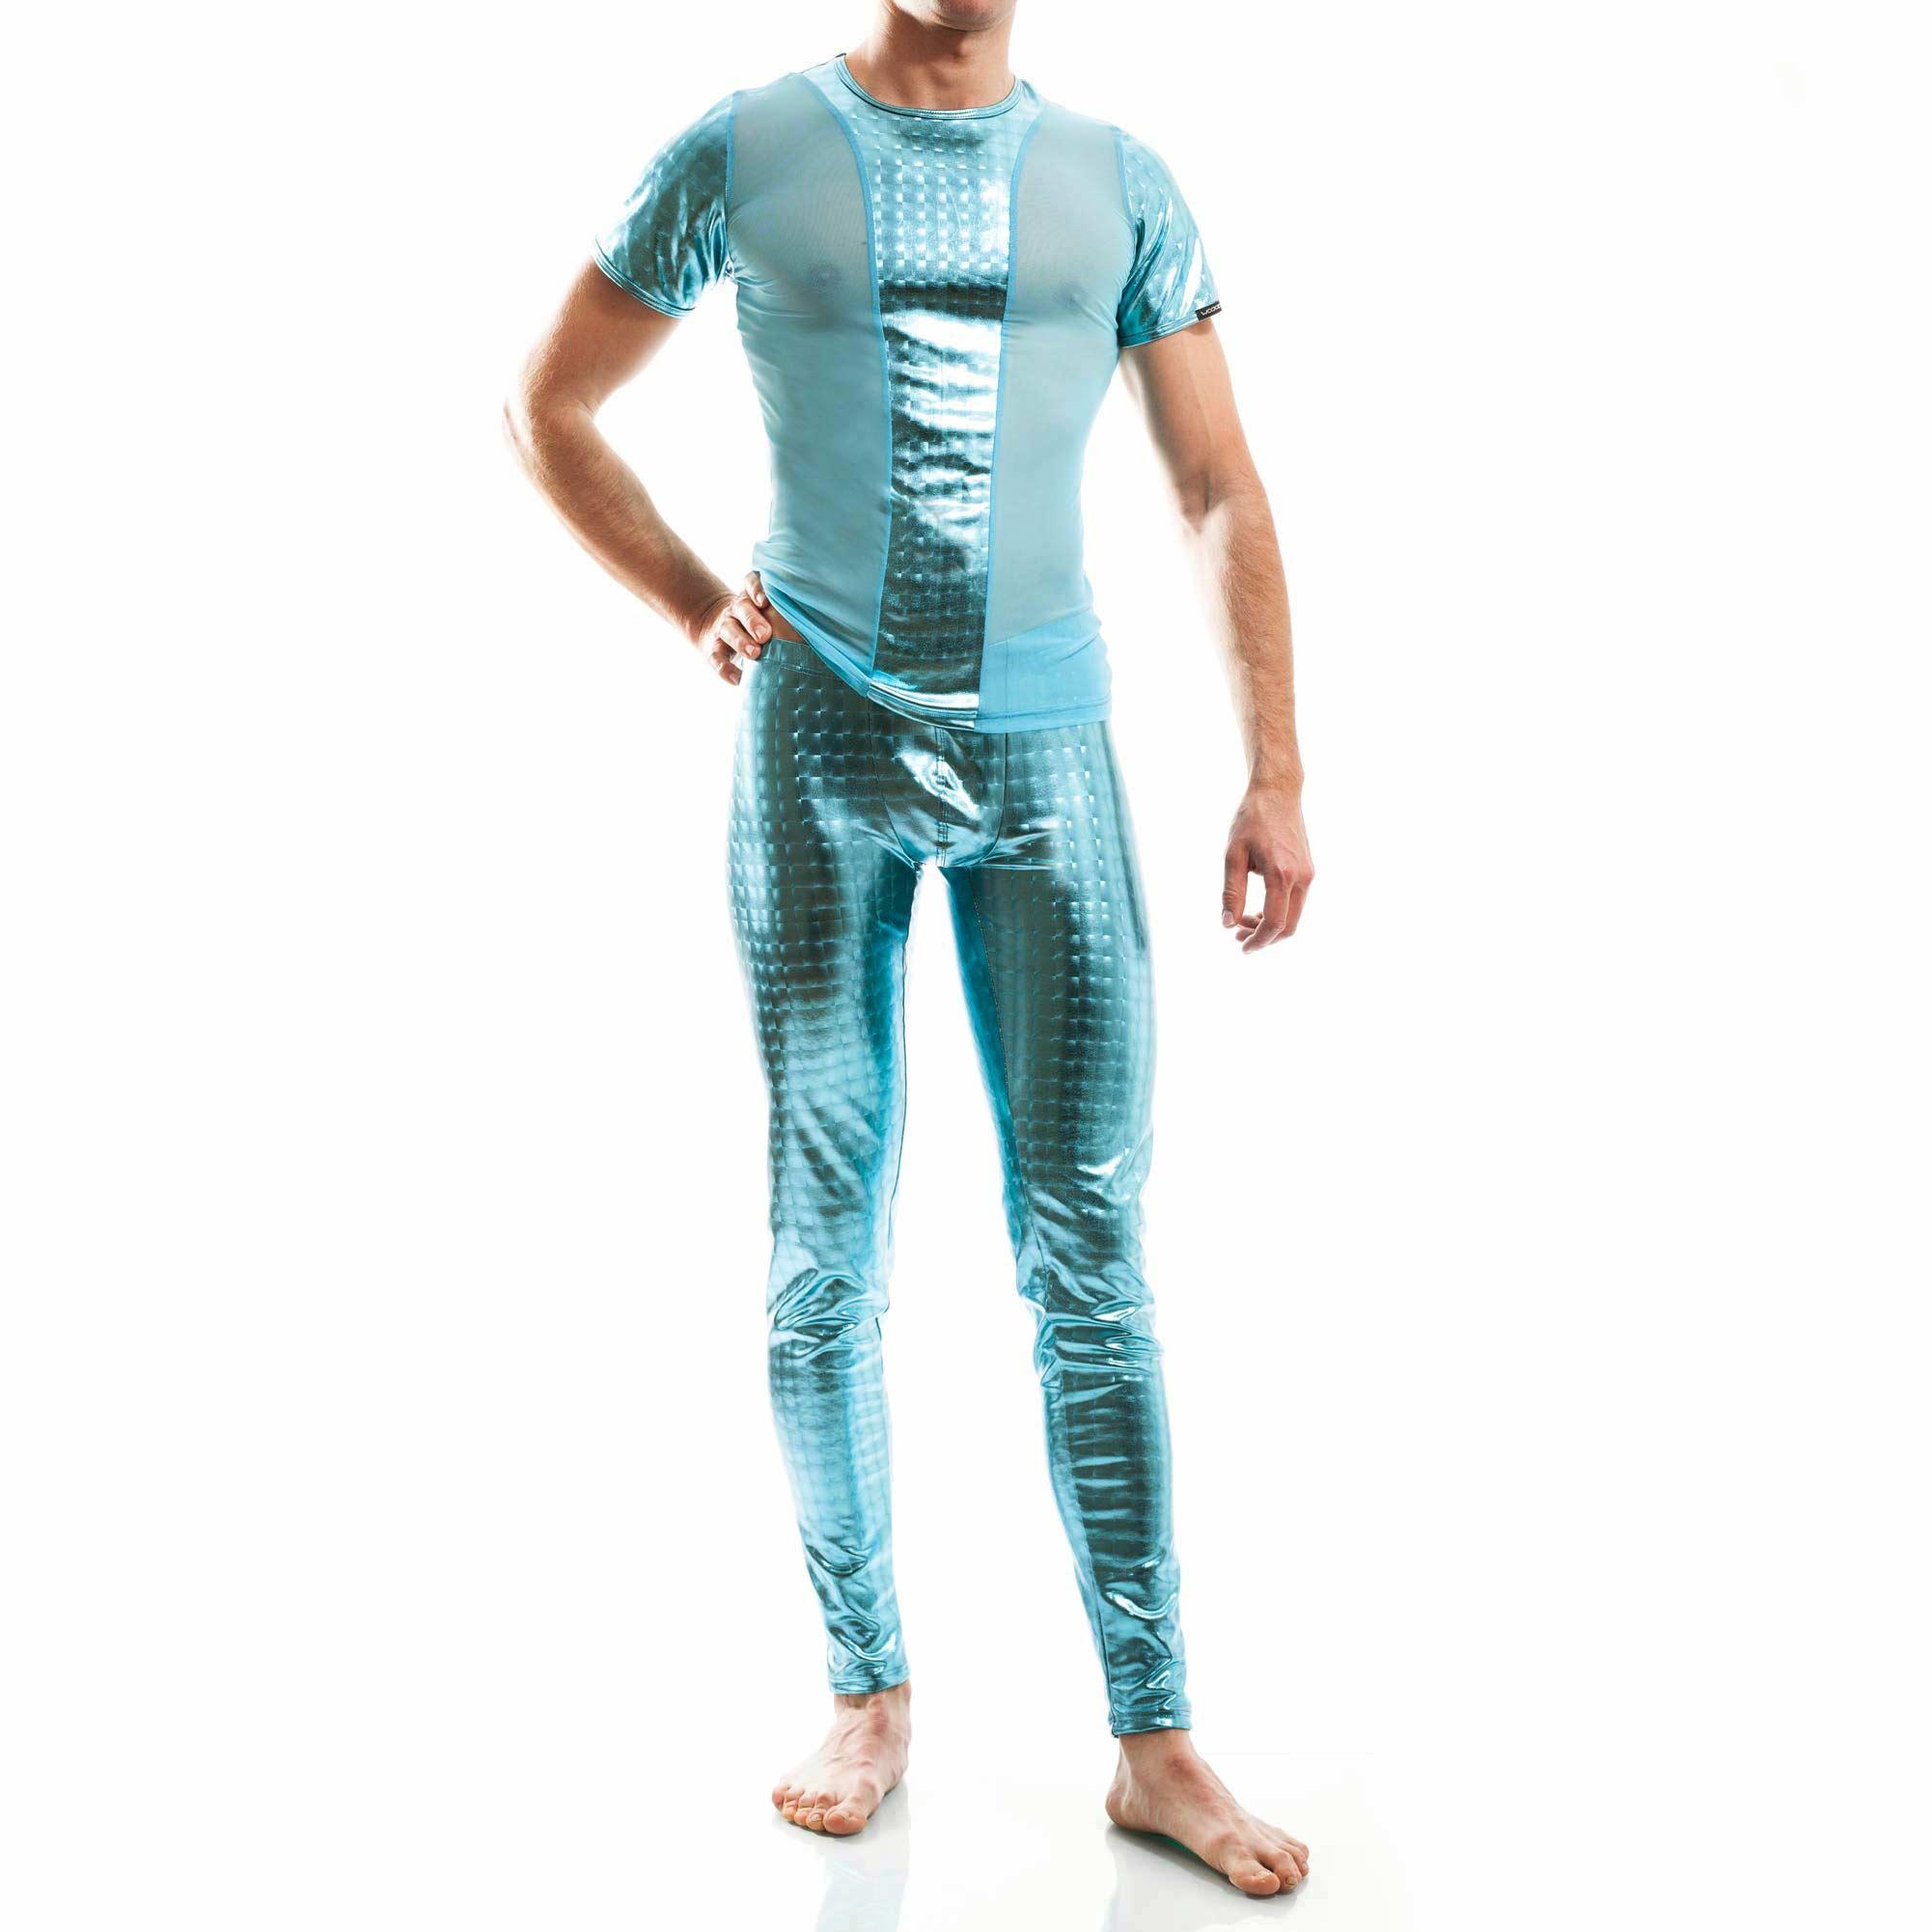 Dieser Blue Square T-Shirt 409T428 gehört zu den Wojoer LIVE-Produkten. Sie werden ab Bestellung bei uns produziert. So können wir auf Kundenwünsche individuell eingehen. Größen Erhältlich in den Größen S, M, L, XL Materialzusammensetzung 95% Polyester, 5% Elasthan Besonderheiten LIVE-Produkt | dehnbarer metallic-Look | angenehme Passform…